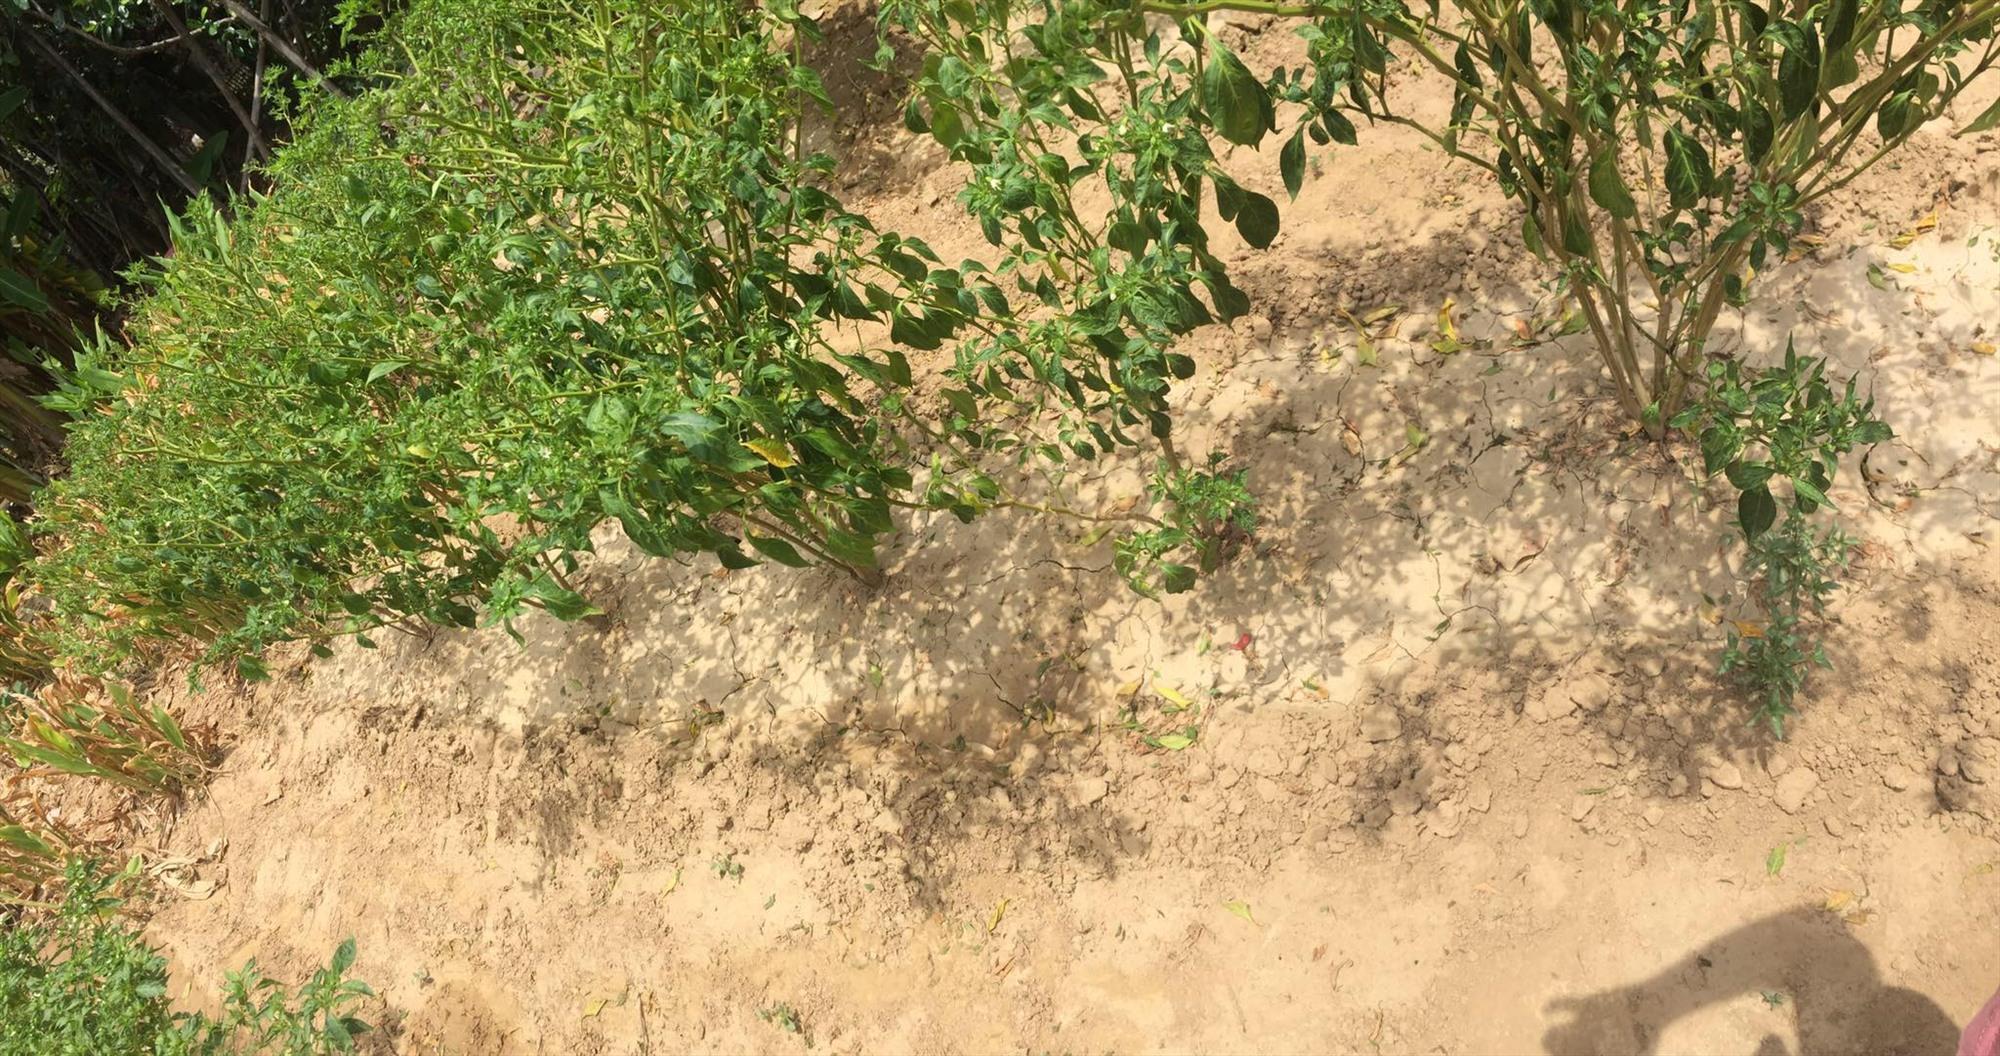 Xã  Đại An (Đại Lộc) xảy ra tình trạng thiếu nước sinh hoạt và sản xuất cục bộ ở một số thời điểm. Ảnh: C.N